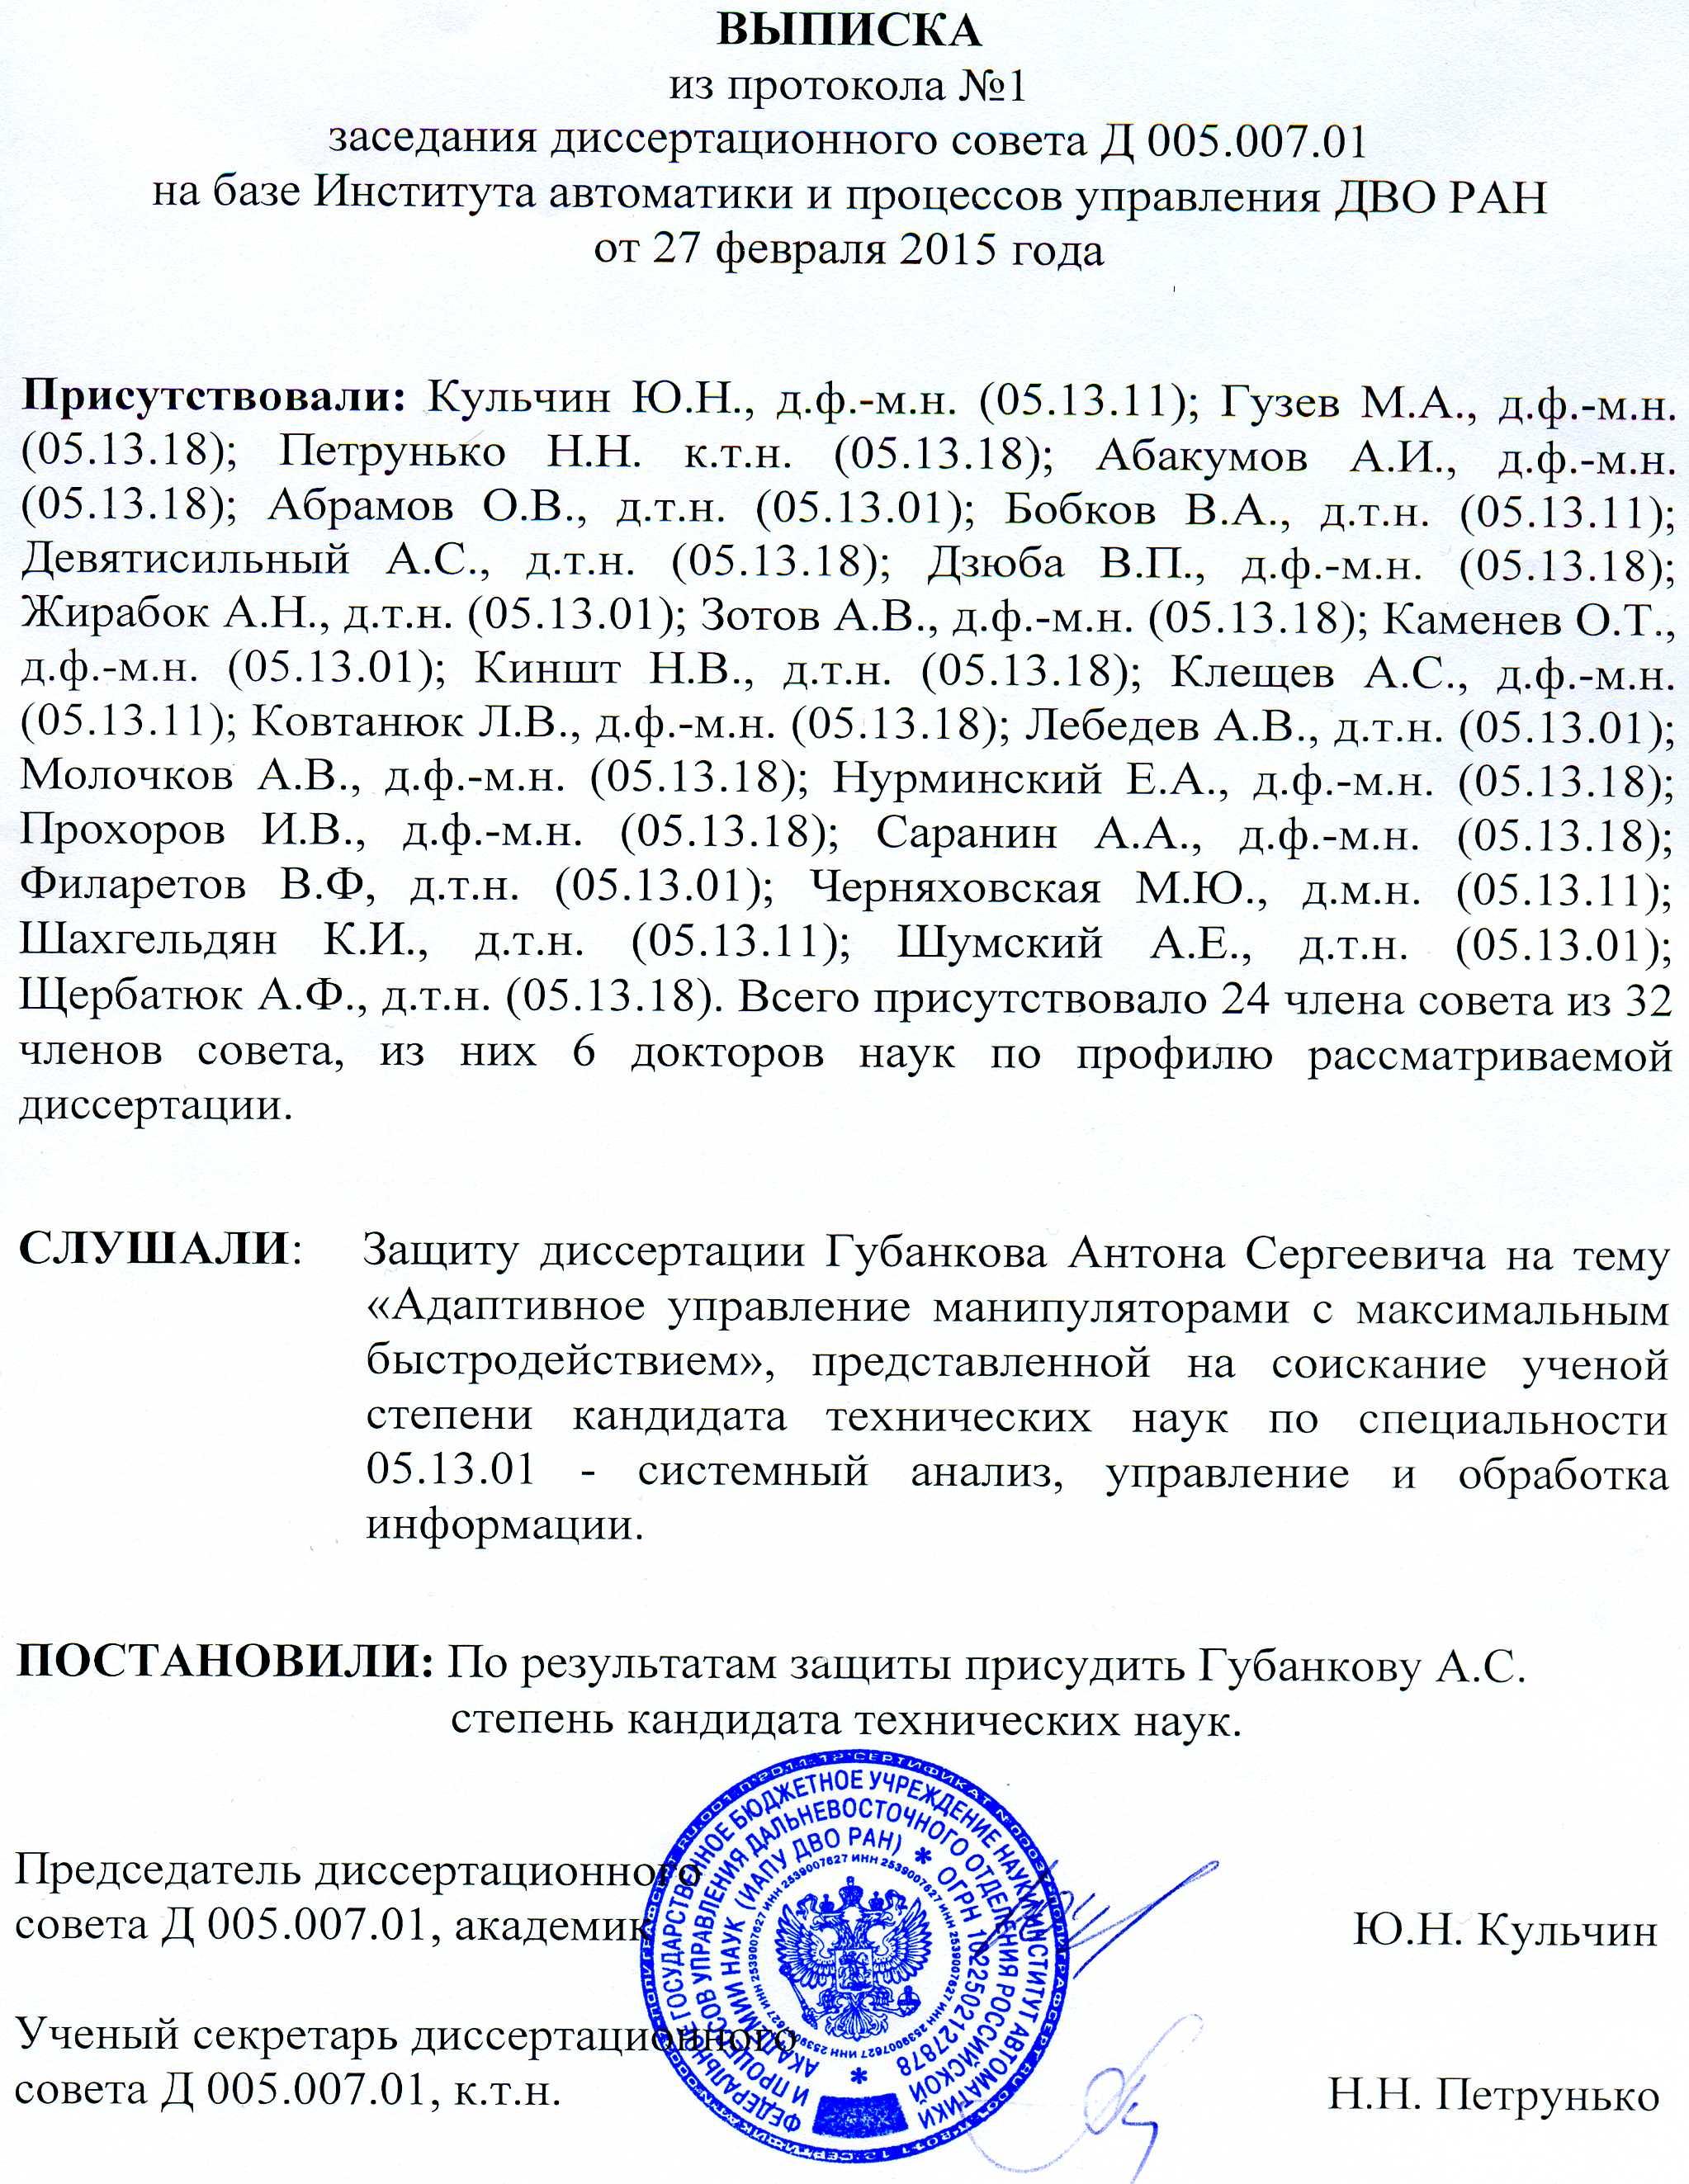 Институт автоматики и процессов управления Выписка из протокола заседания диссертационного совета